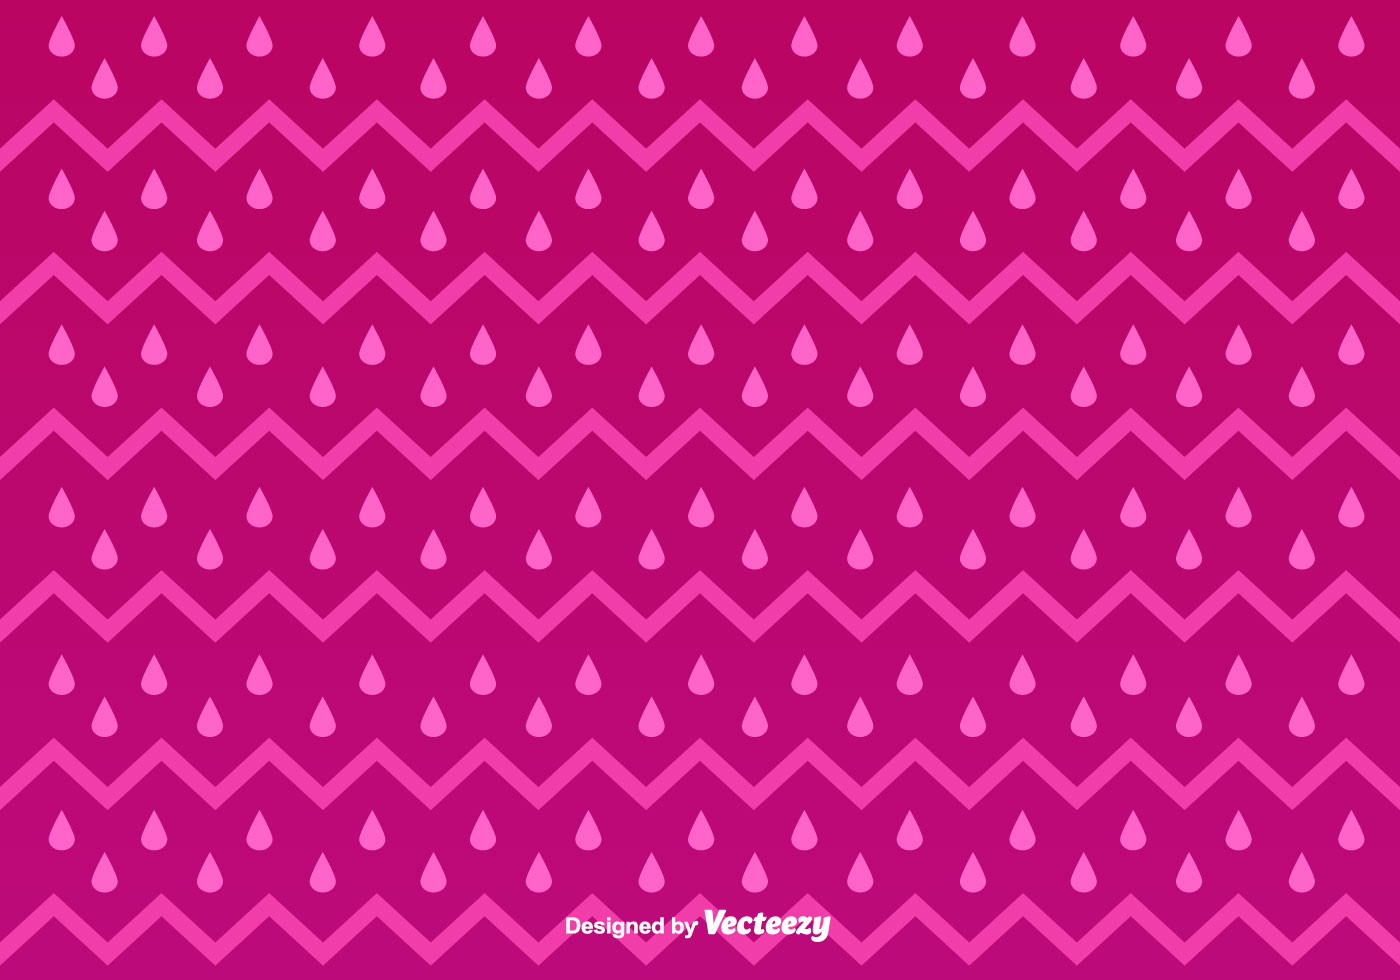 Pink Zig Zag Pattern 111509 Vector Art At Vecteezy